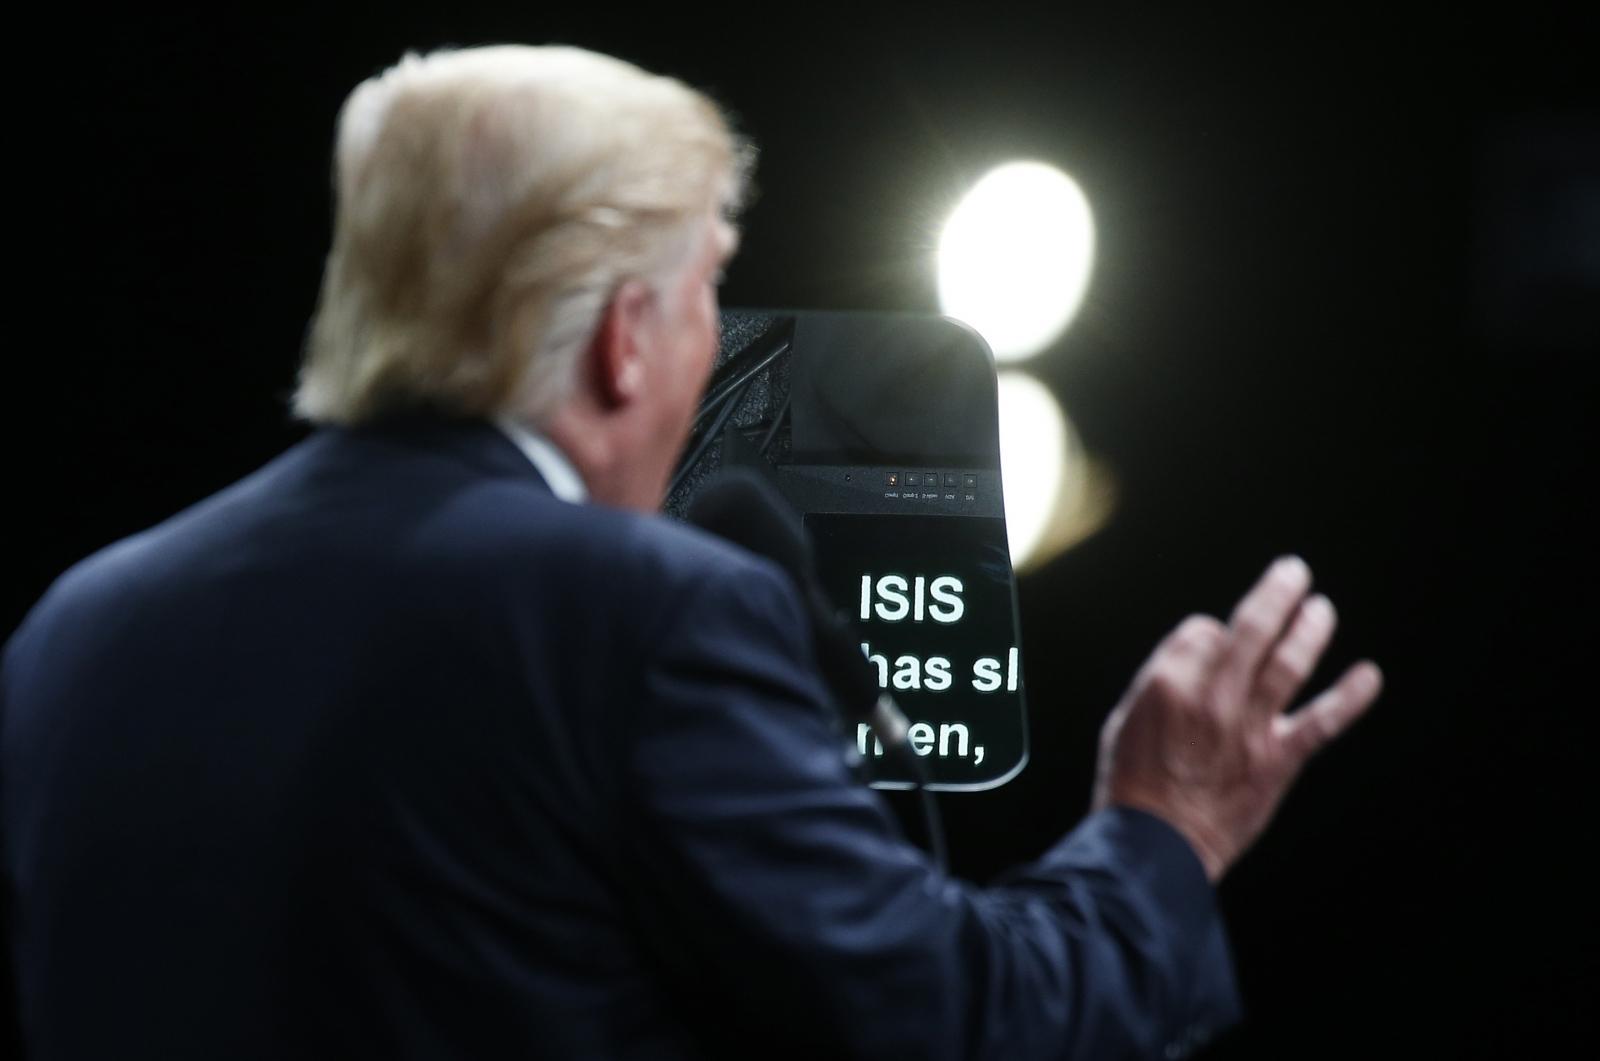 Trump on Isis